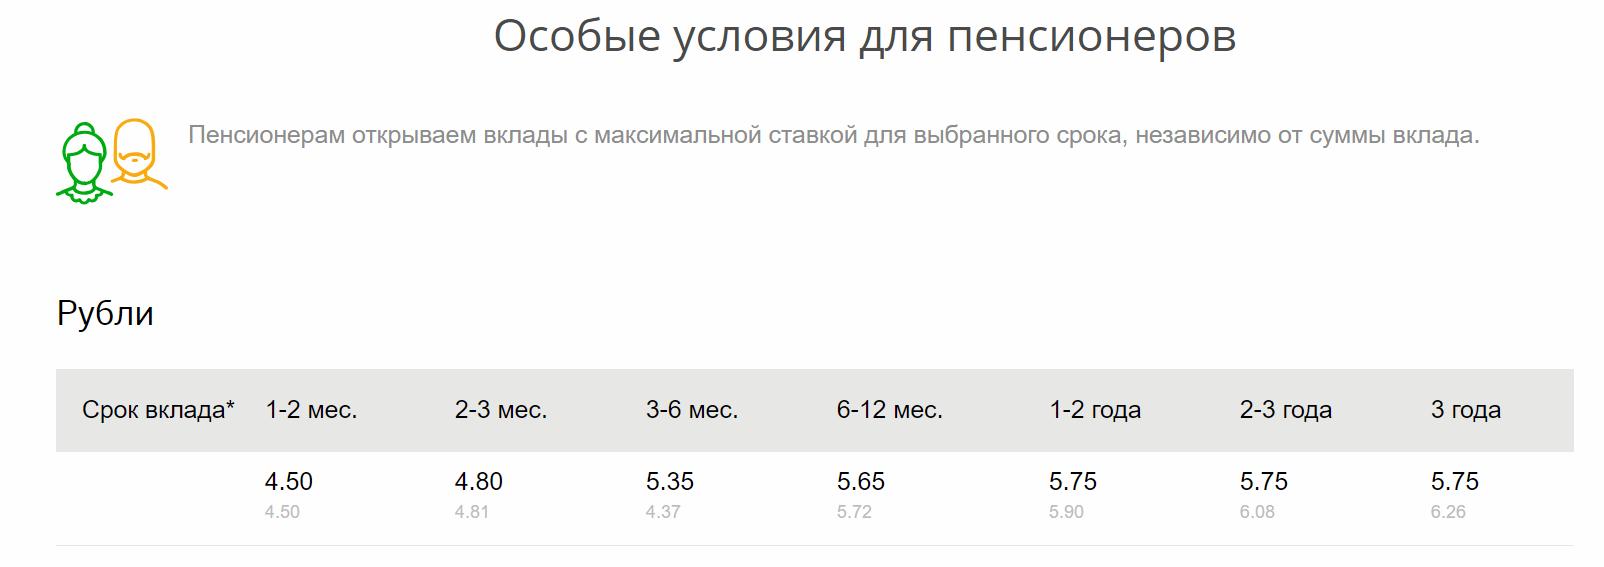 Вклад «Сохраняй» для пенсионеров в рублях